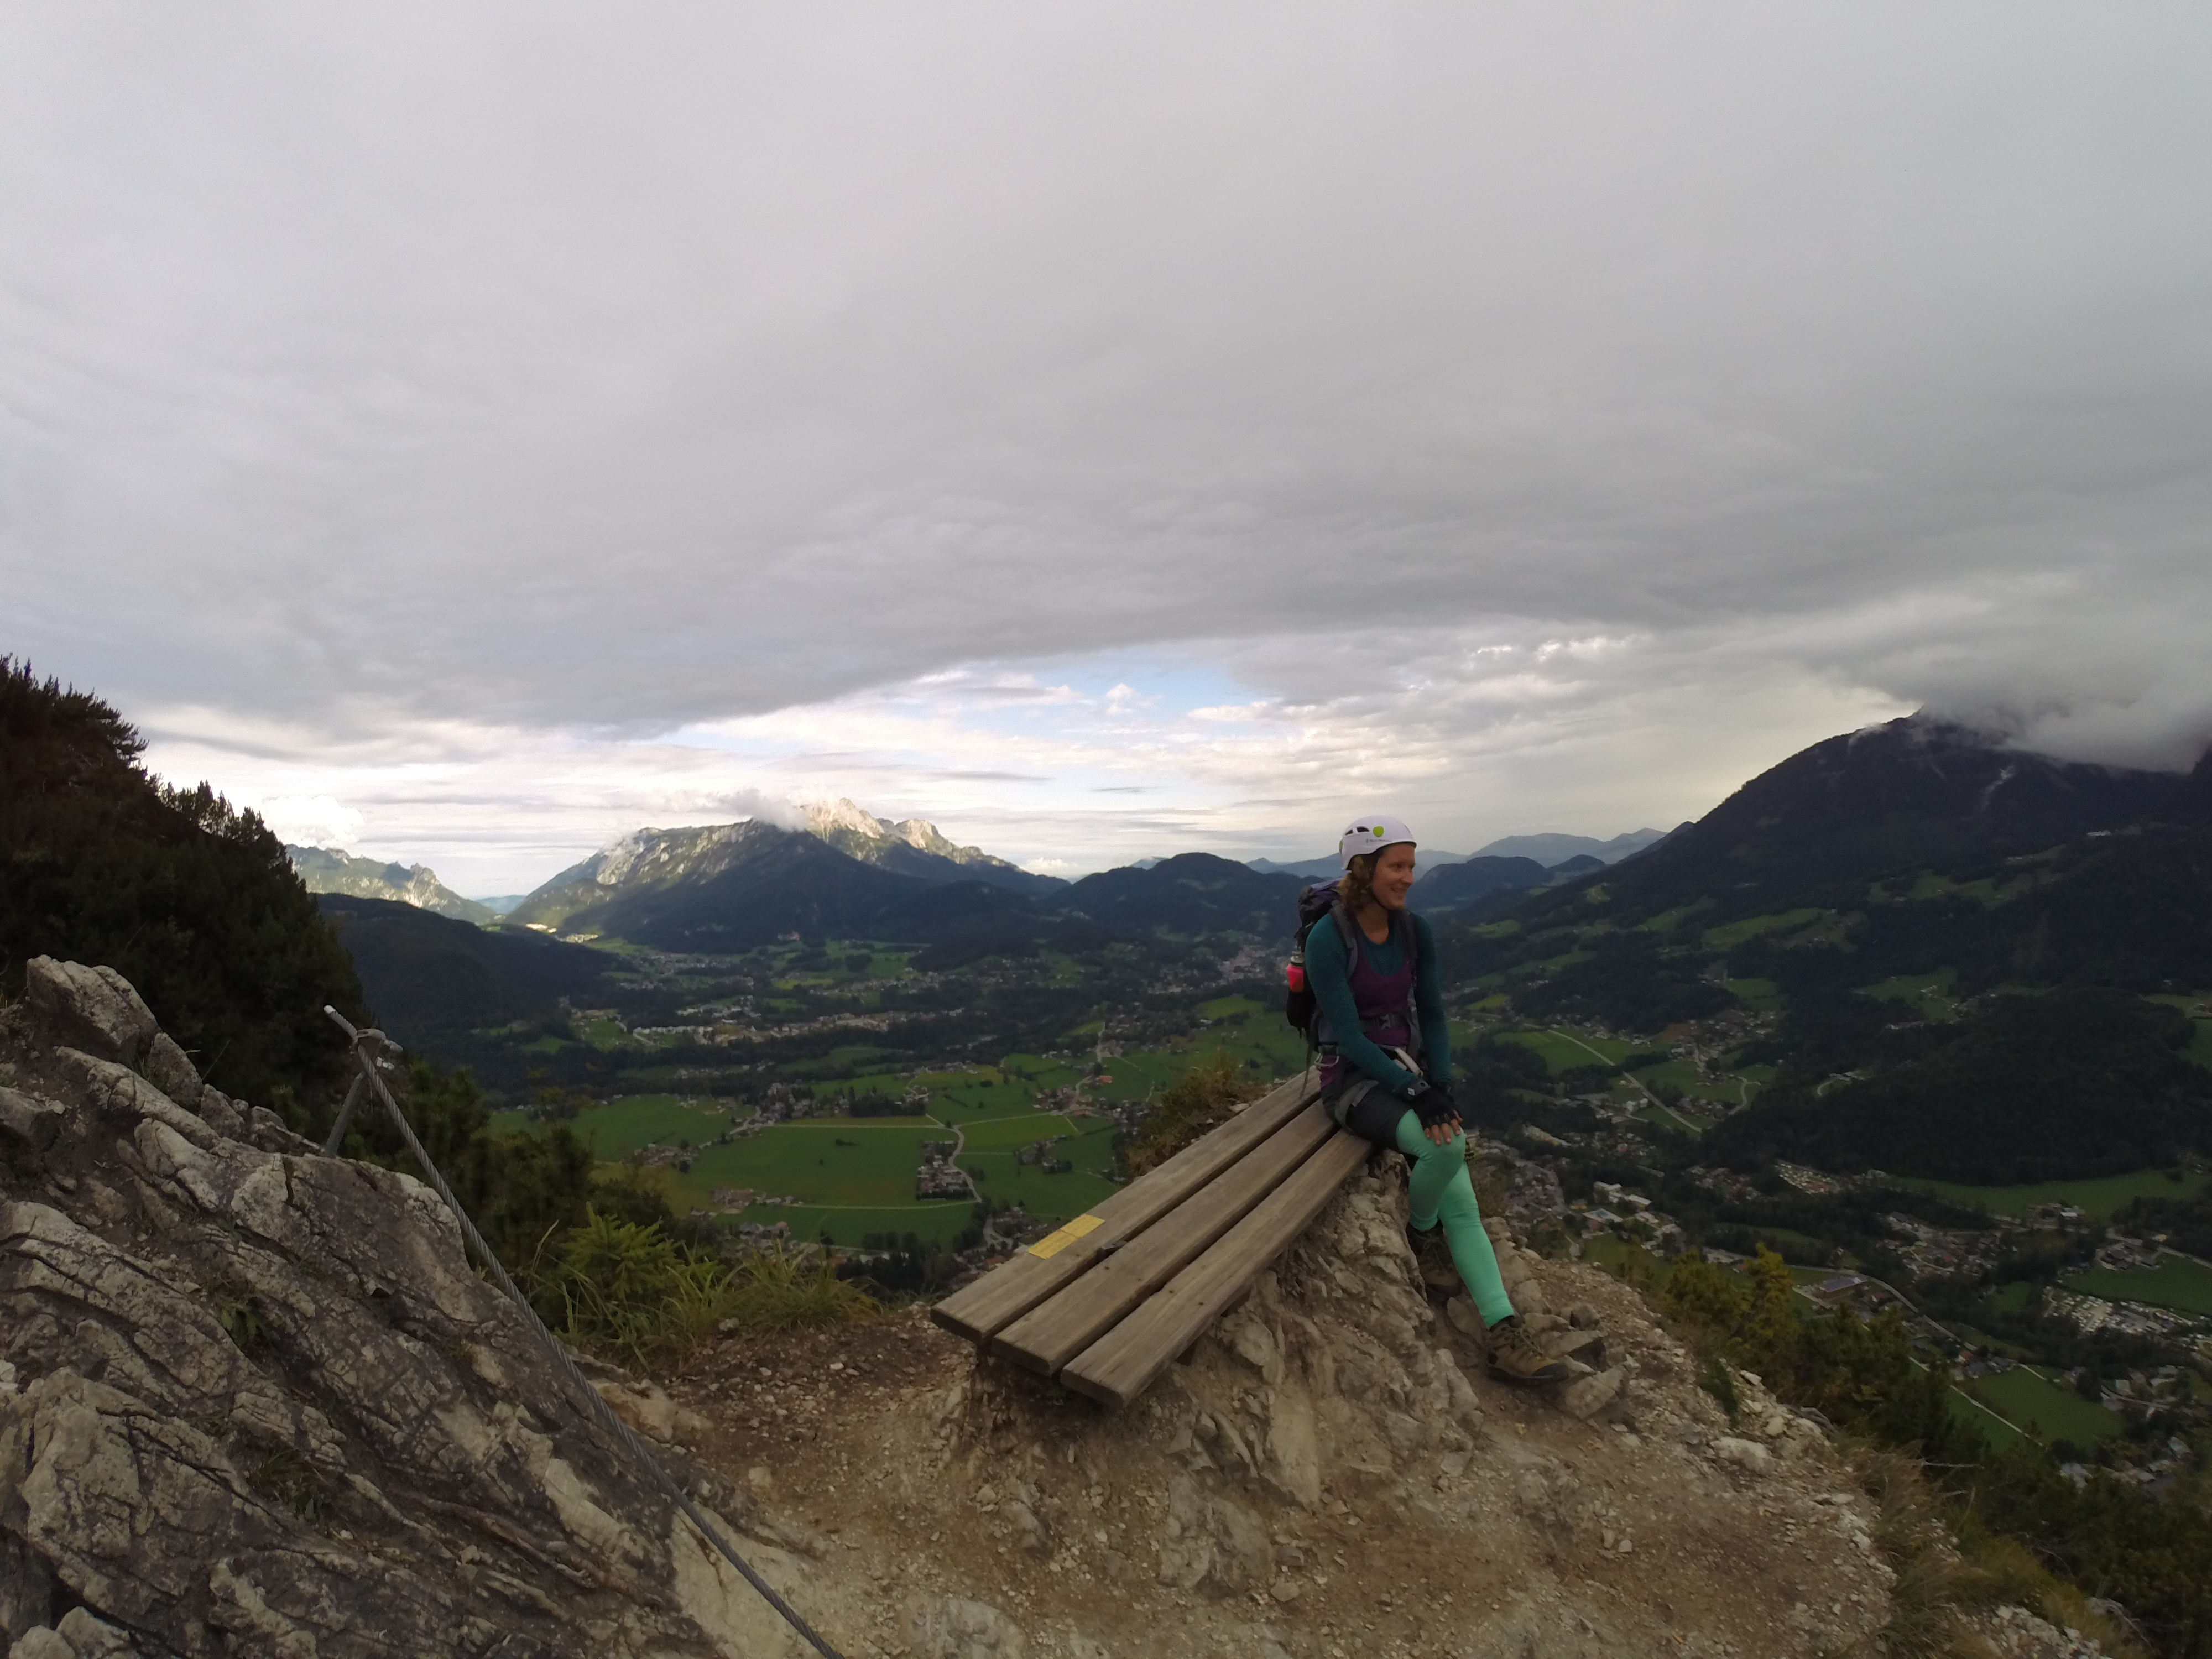 Klettersteig Königssee : Grünstein klettersteig die u edirettisimau c über dem königssee